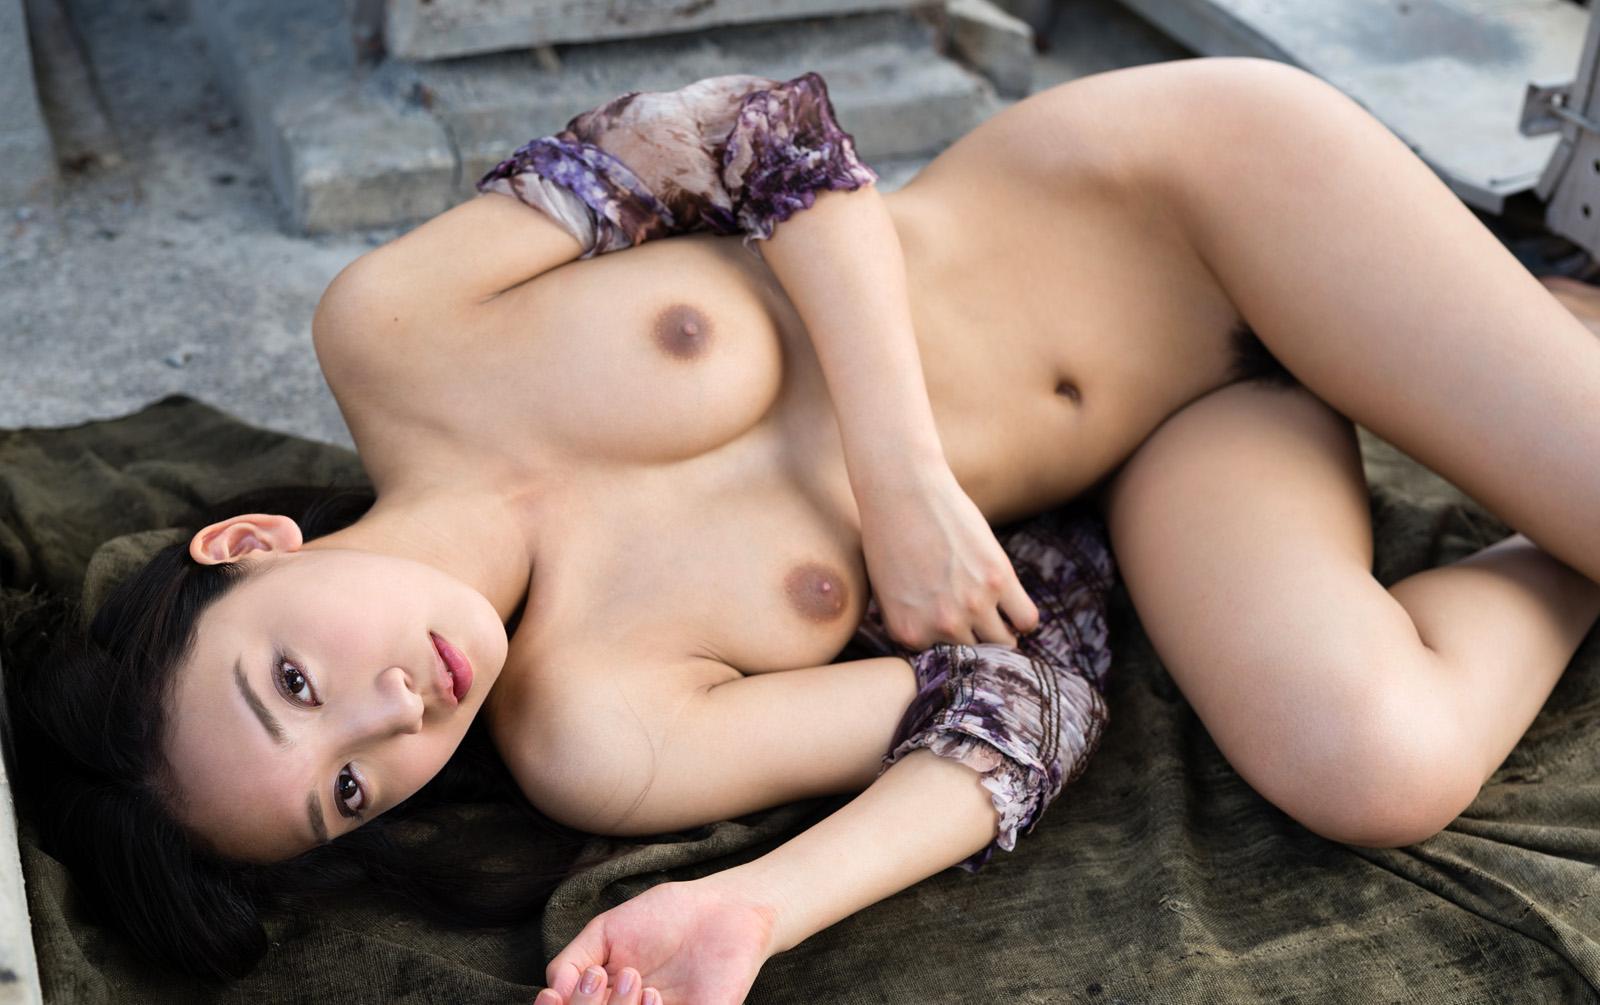 【ヌード】グラビアアイドルさん、ヌード解禁で色々晒すwwwwwwww(180枚)・35枚目